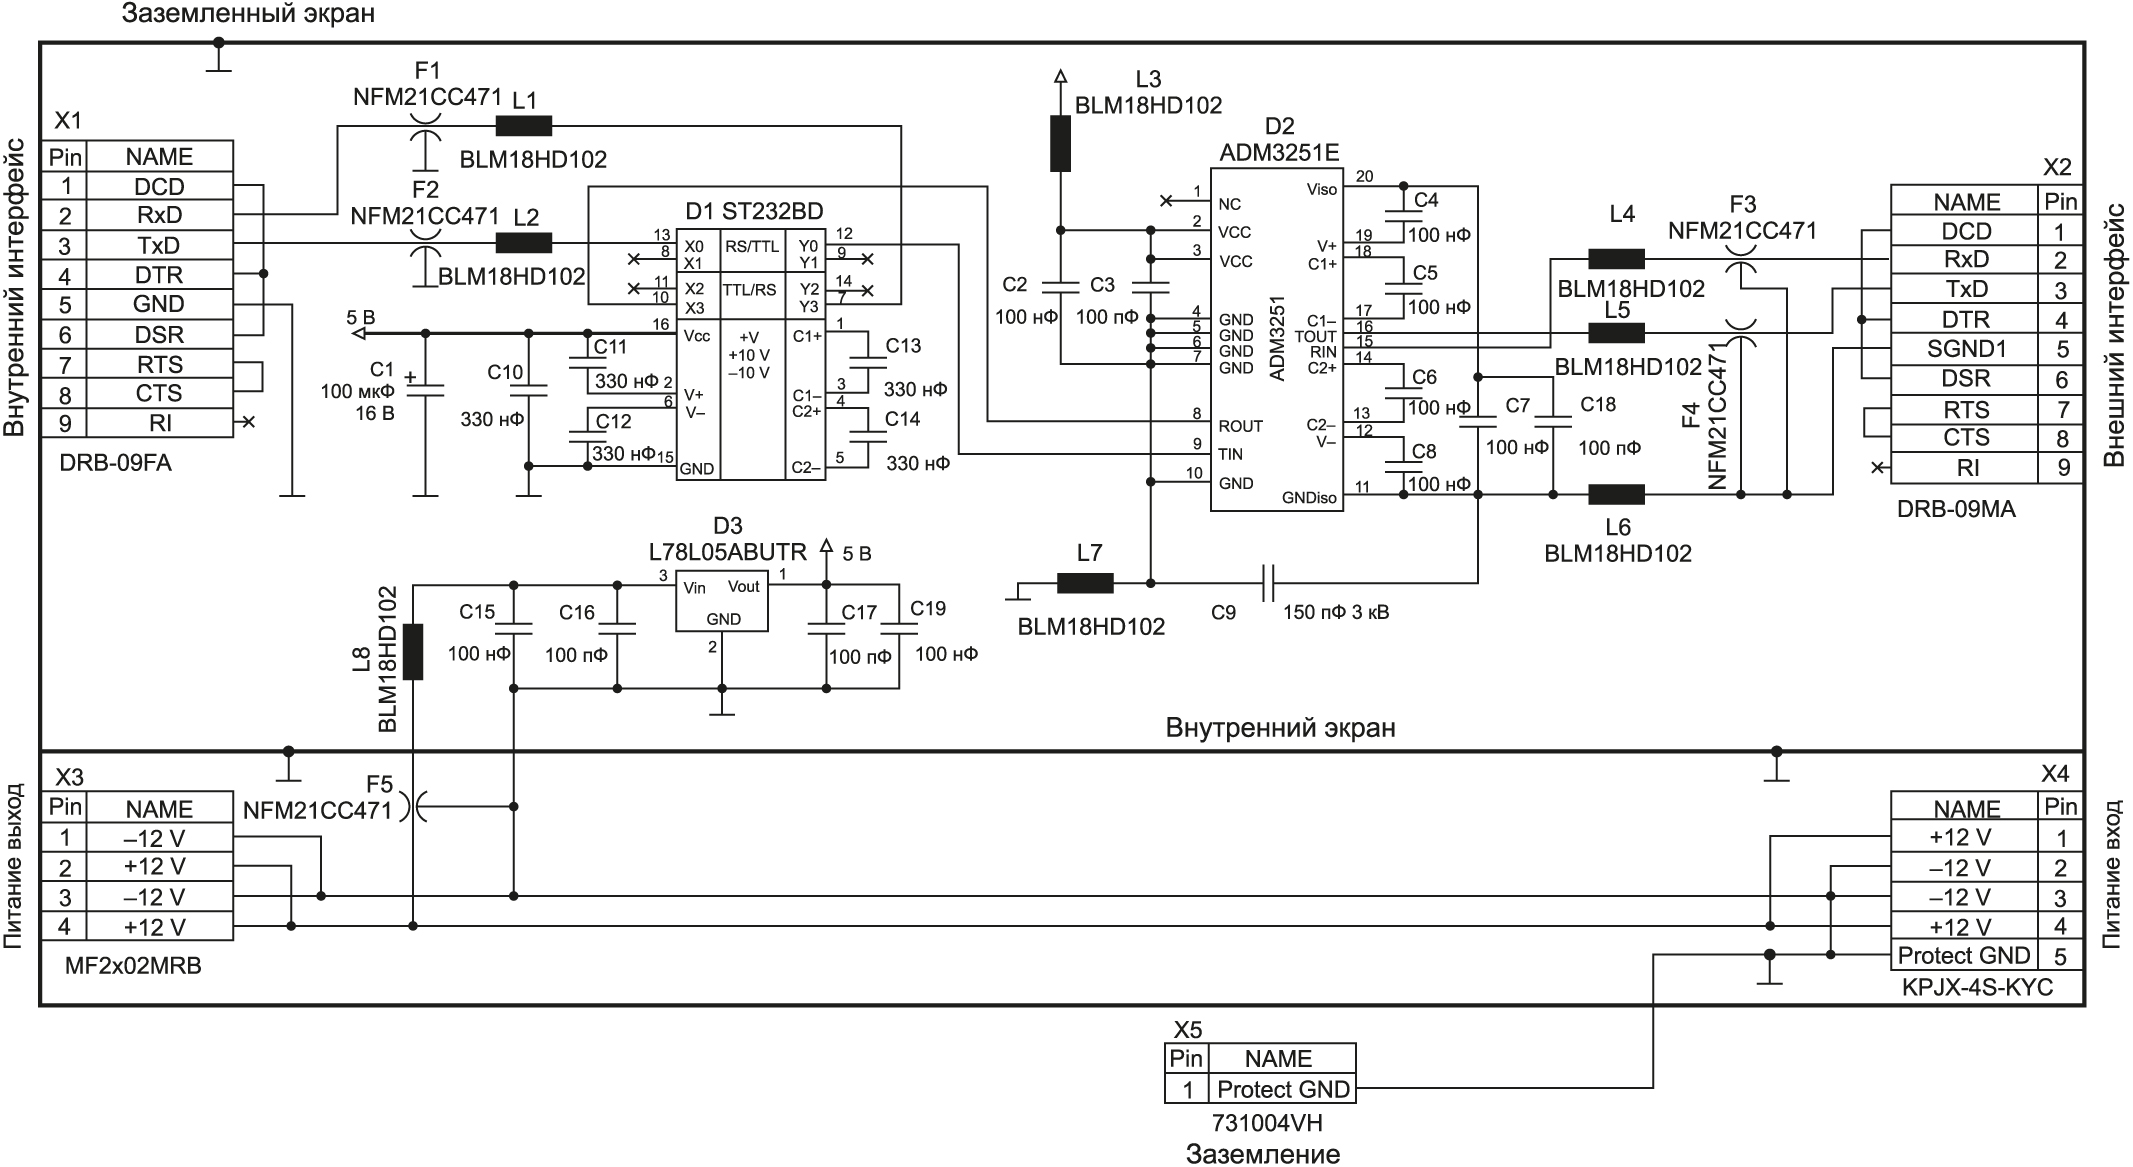 Практическая схема блока изолированного интерфейса RS-232 с минимизированным уровнем излучаемых и кондуктивных ЭМП